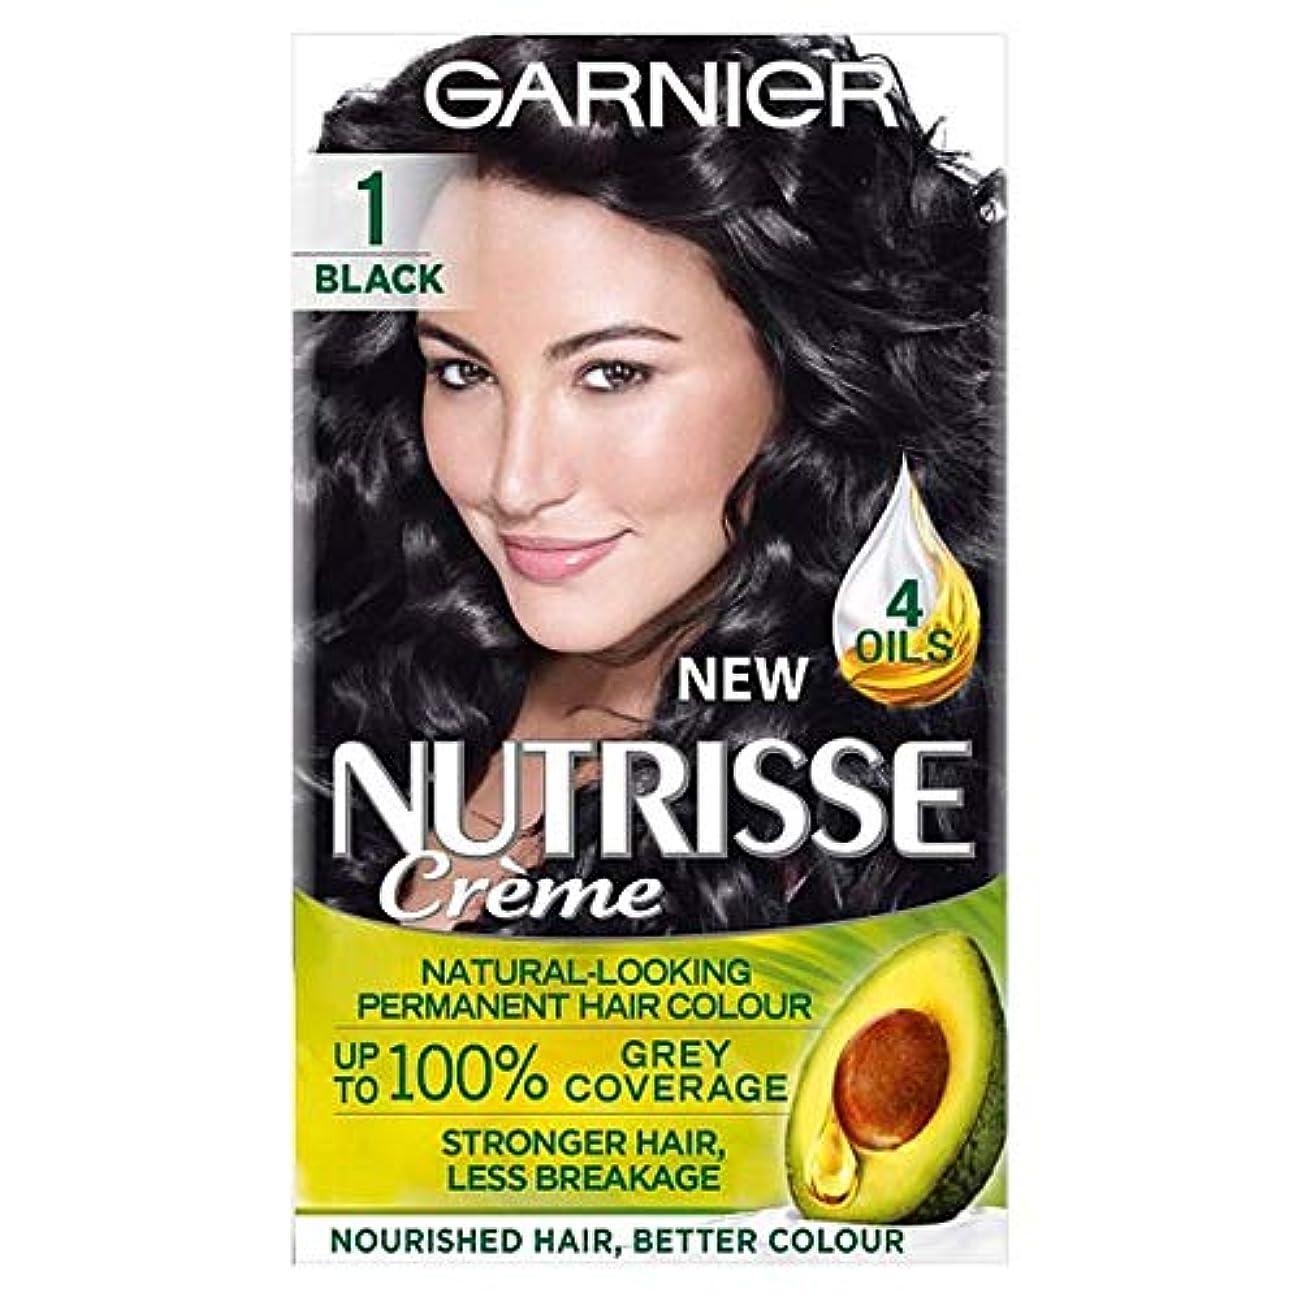 法律単独でそうでなければ[Nutrisse] ガルニエNutrisse 1黒のパーマネントヘアダイ - Garnier Nutrisse 1 Black Permanent Hair Dye [並行輸入品]